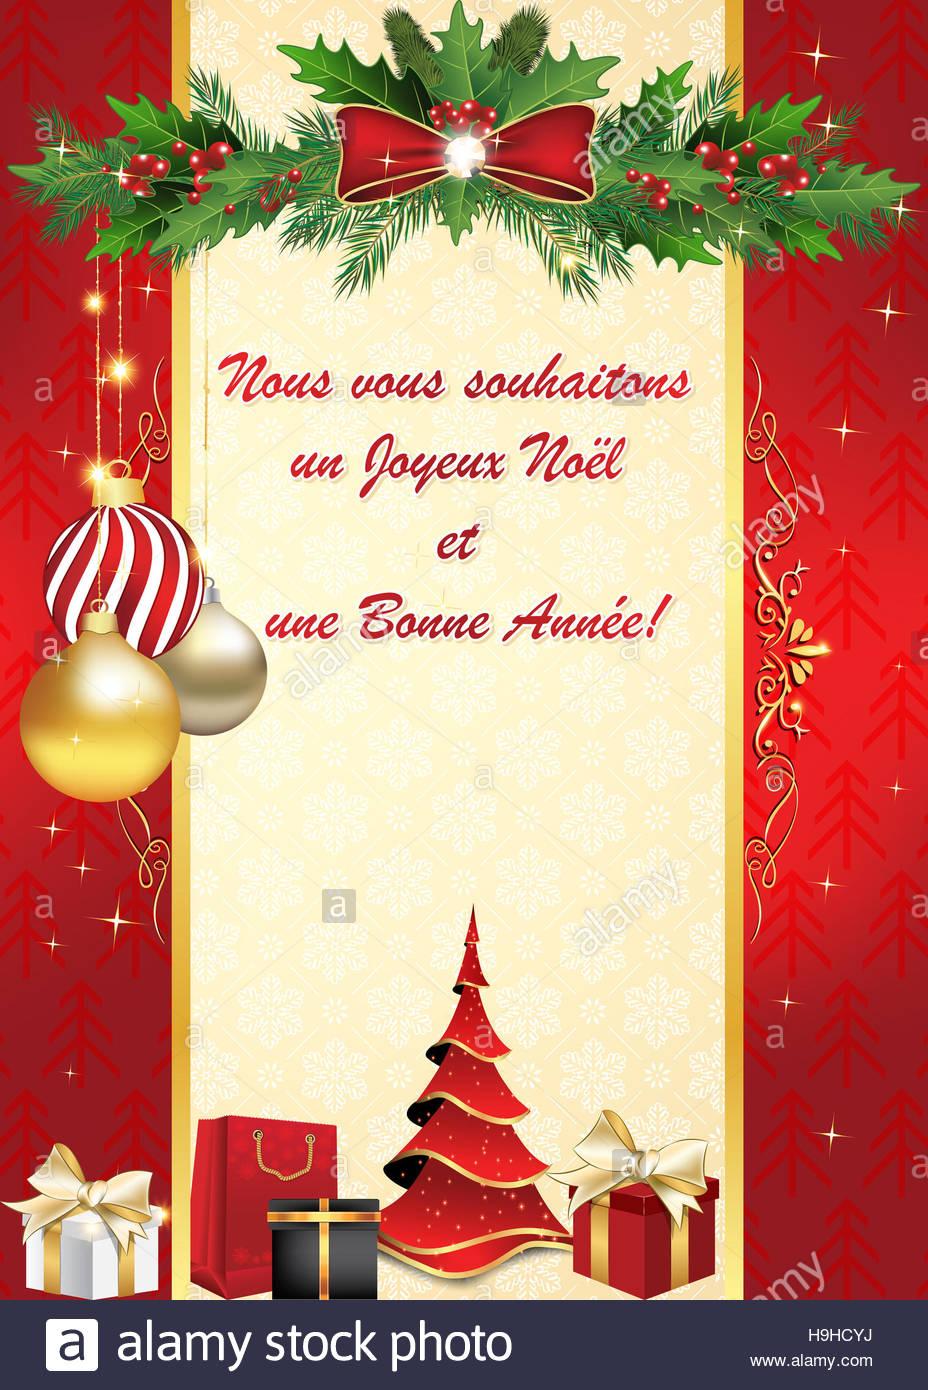 Photos De Joyeux Noel Et Bonne Annee.Joyeux Noel Et Bonne Annee 2019 La France Au Vanuatu